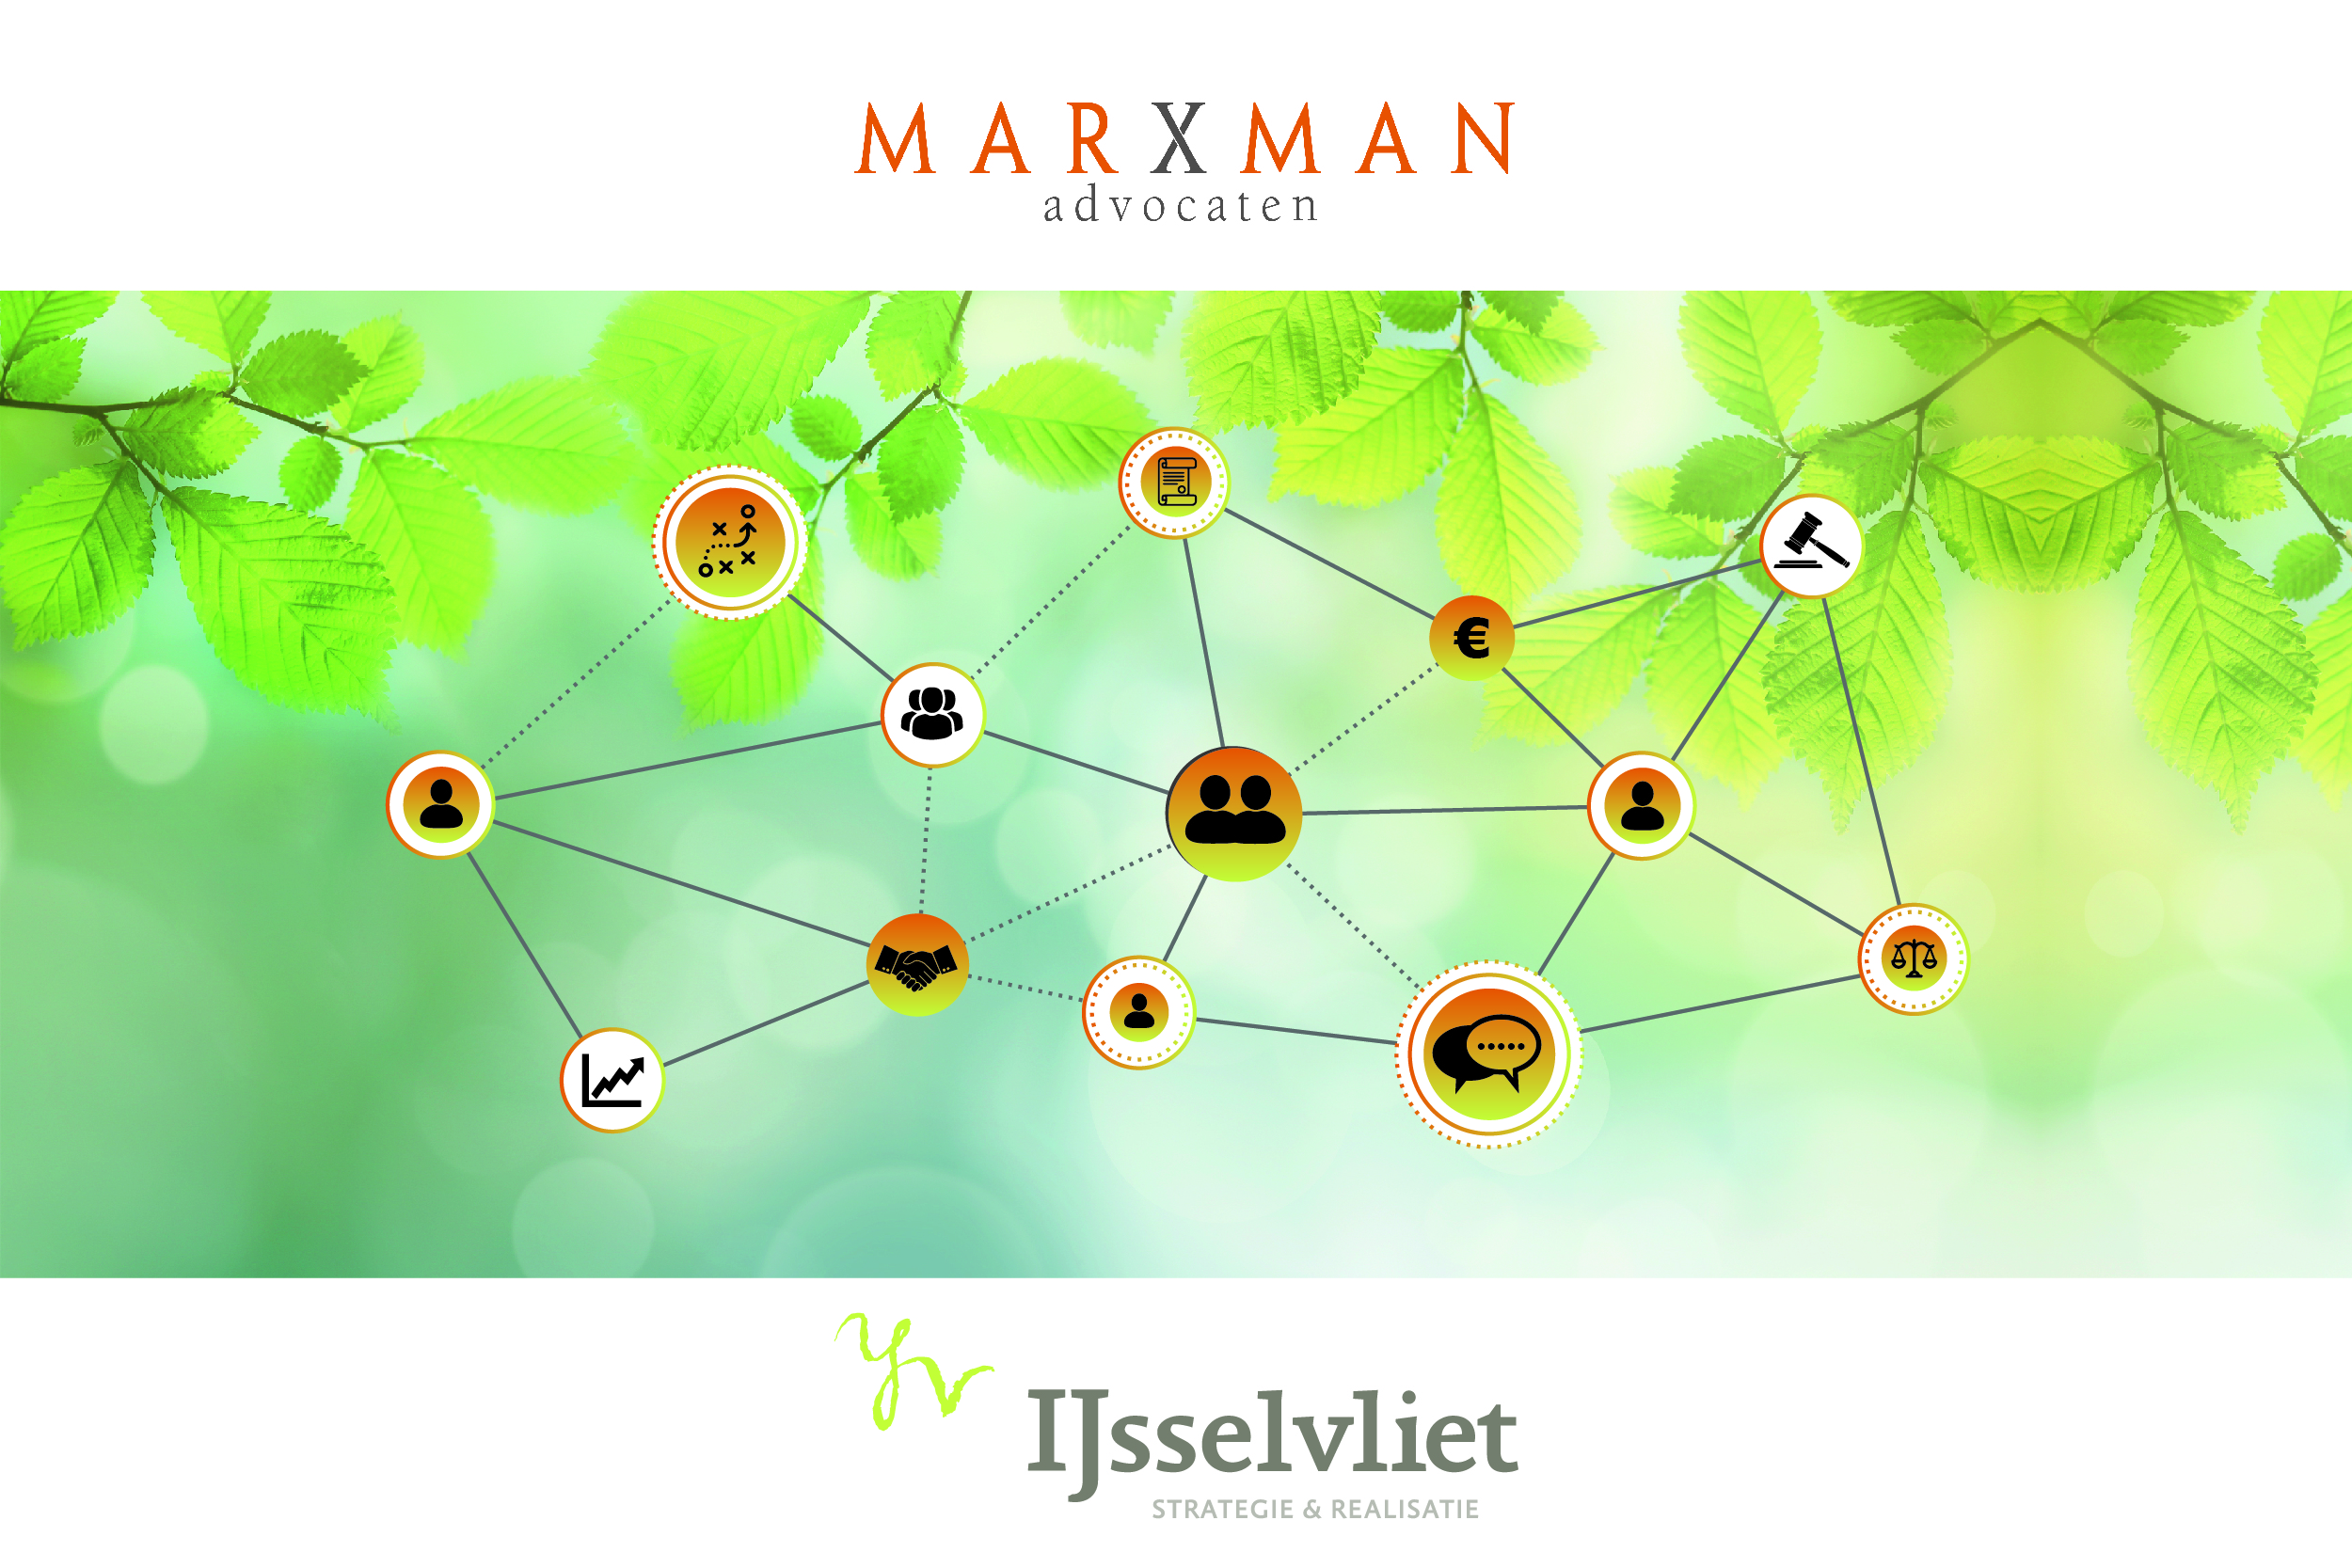 samenwerking IJsselvliet_Marxman